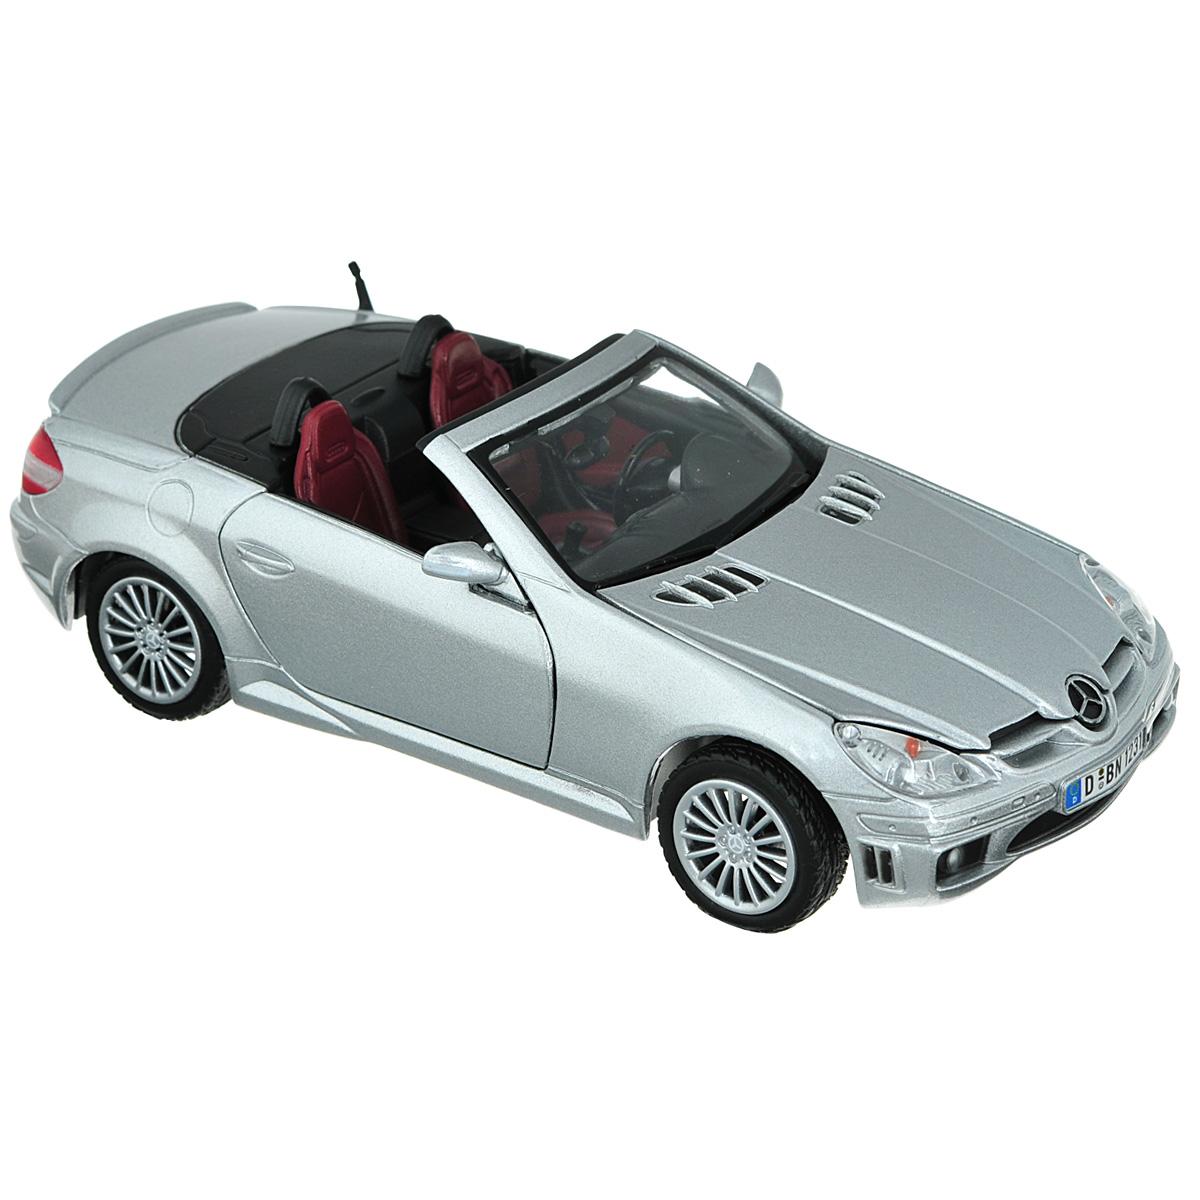 Коллекционная модель MotorMax Mercedes Benz SLK55 АMG, цвет: серебристый. Масштаб 1/24silver/ast73292Коллекционная модель MotorMax Mercedes Benz SLK55 АMG станет хорошим подарком для любого ценителя автомобилей. Она имеет отличную детализацию и является уменьшенной копией настоящей машины. Стильный родстер Mercedes Benz SLK AMG с великолепным дизайном, отражающим динамику и роскошь, - выбор, свидетельствующий о хорошем вкусе. Подчеркнуть это поможет вам качественная масштабная модель от MotorMax. Она проработана с точностью до мельчайших деталей: рассмотрите приборную панель и двигатель, рычаг переключения скоростей. У модели открываются двери и капот, а также поворачиваются колеса. Корпус миниатюрного мерседеса отлит из металла по технологии die cast. Салон и некоторые элементы созданы из пластика, а колеса обуты в резиновые шины.